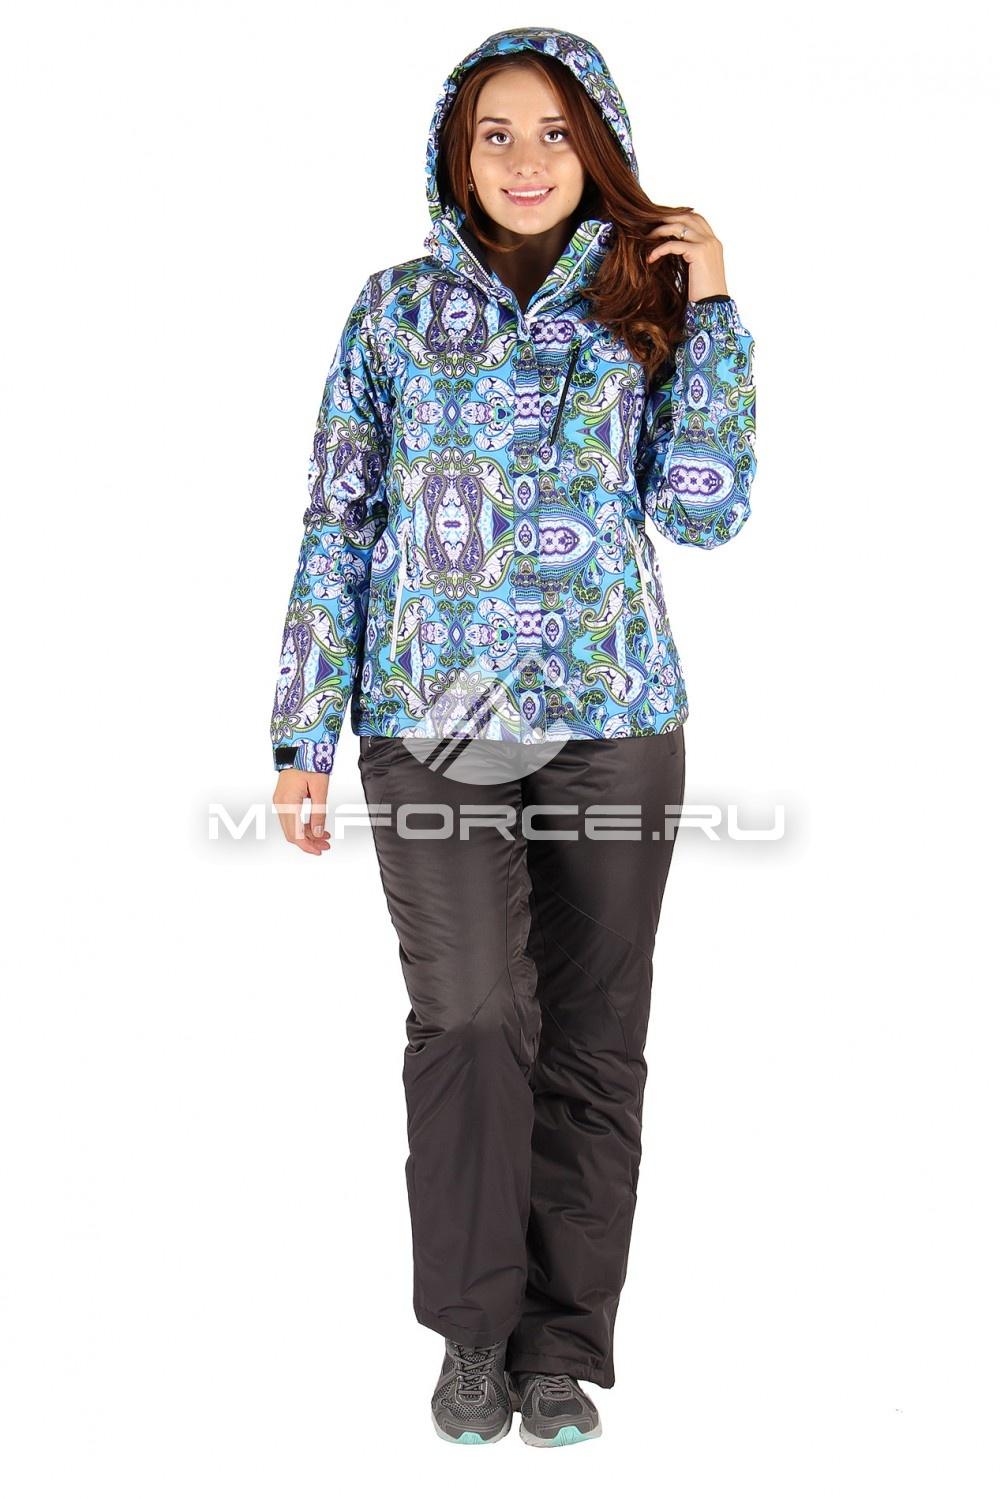 Купить                                  оптом Костюм горнолыжный женский голубого цвета 0305Gl